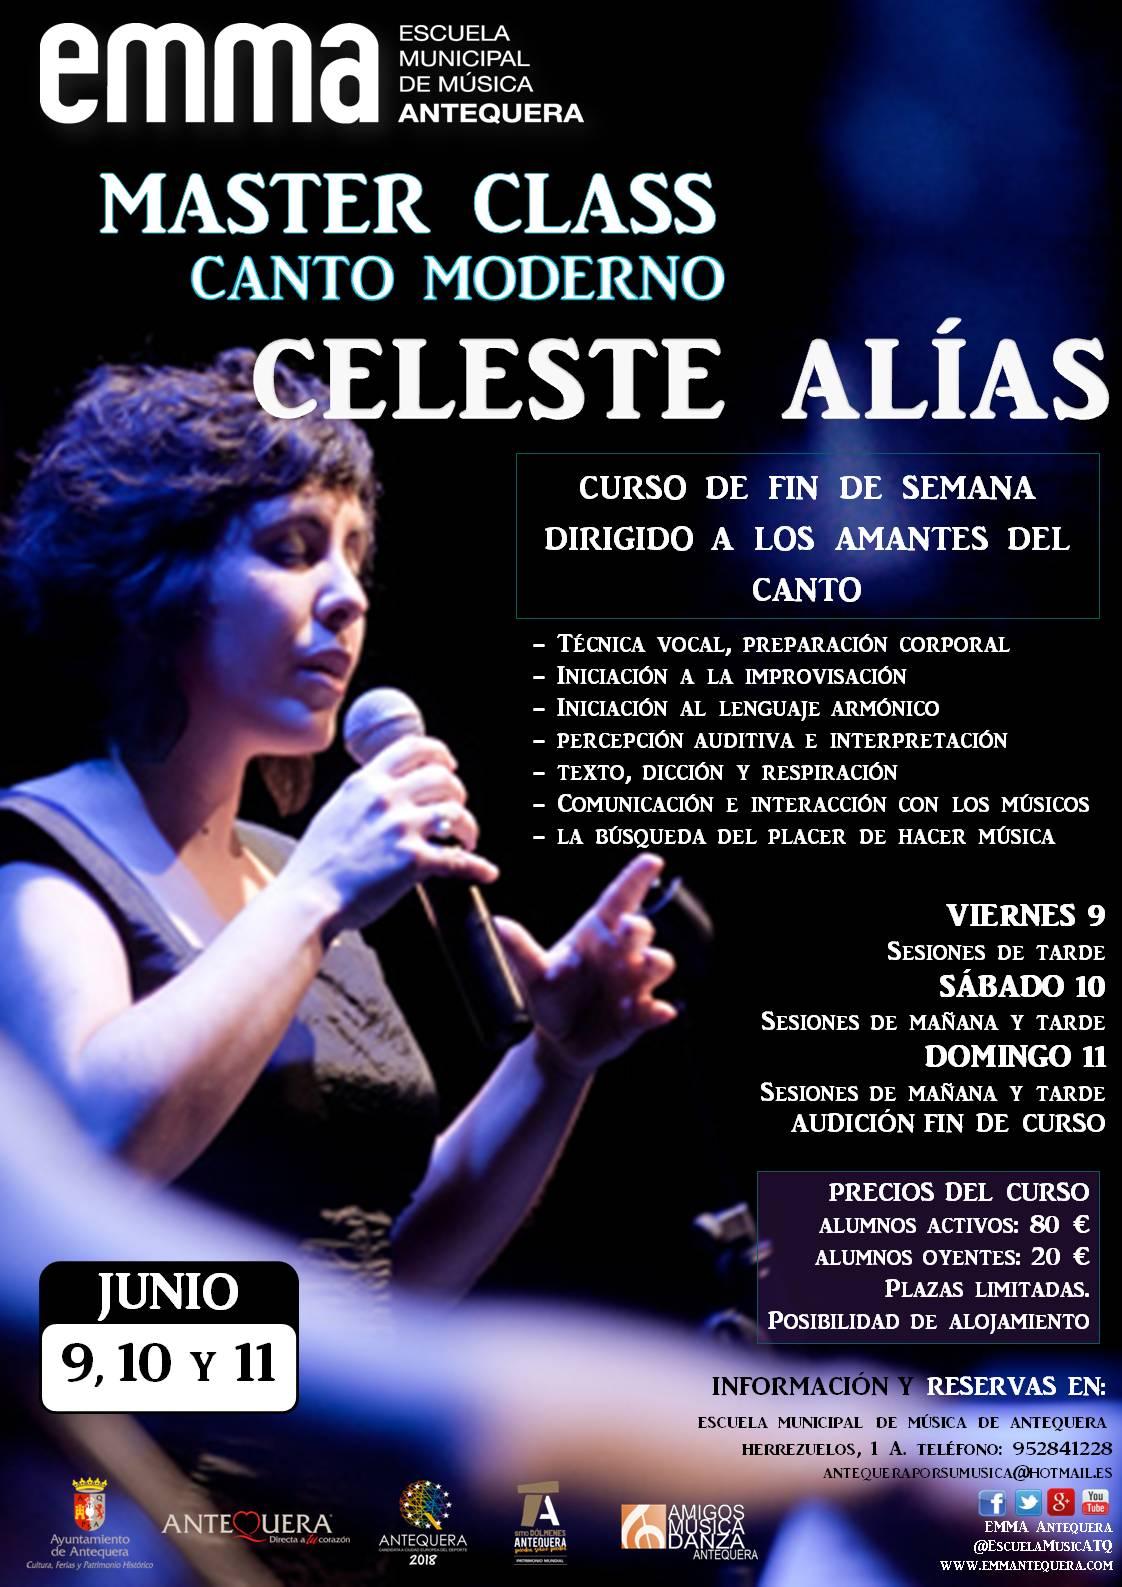 Master Class Canto Moderno con Celeste Alías @ Sala EMMA en Escuela Municipal de Música de Antequera